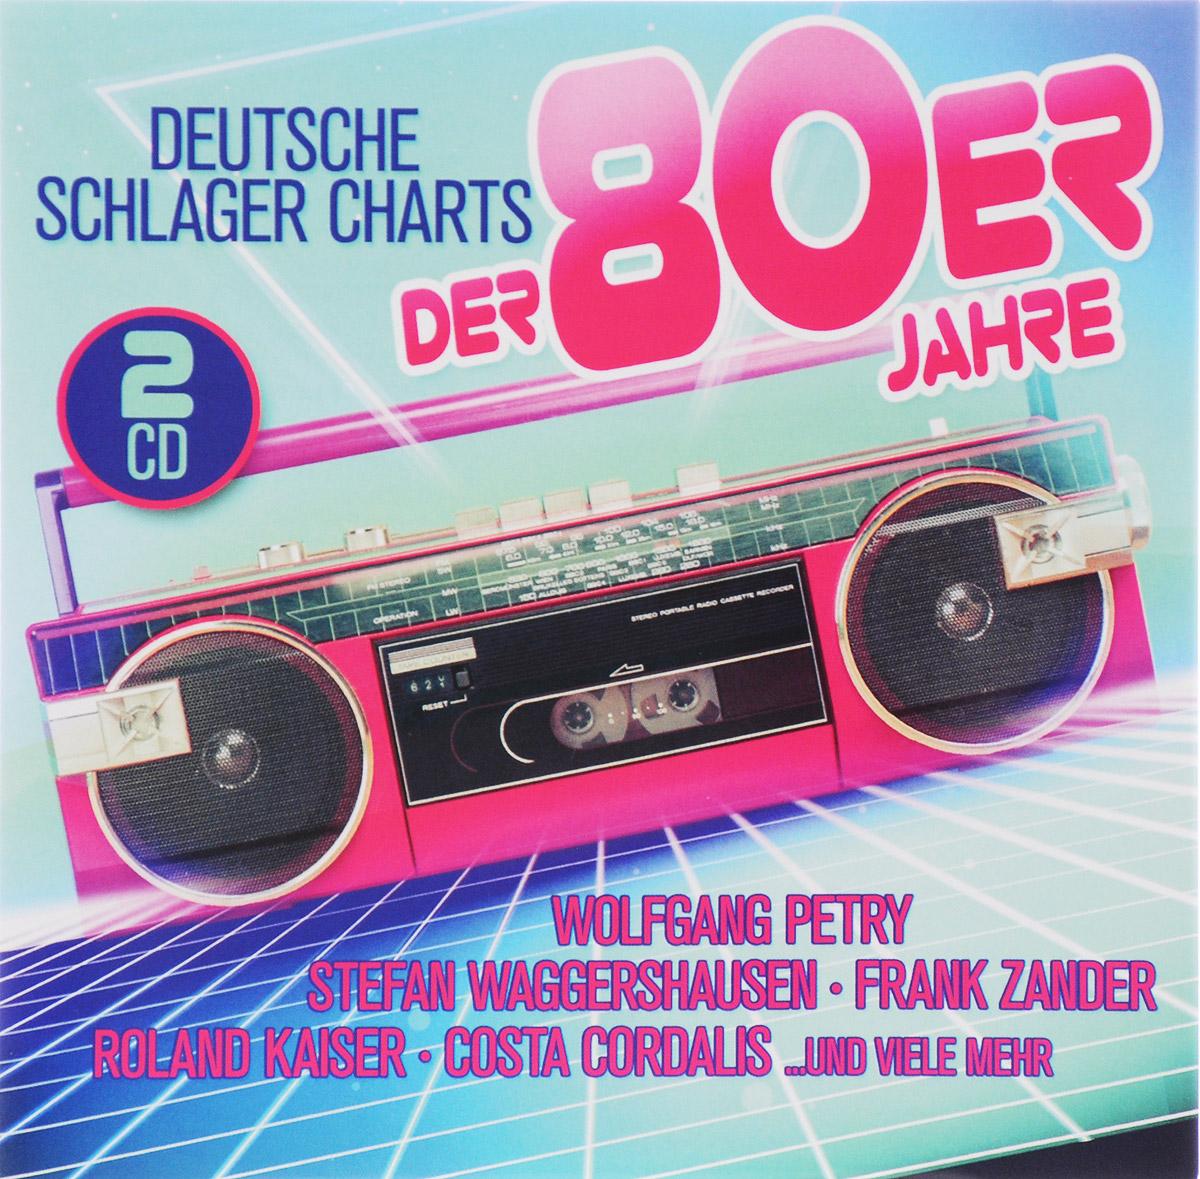 Франк Зандер Deutsche Schlager Charts Der 80er Jahre (2 CD) roland kaiser fernando express рекс гилдо ibo питер орлоф томми стейнер андреа джаргес патрик линдлер disco fox charts der 80er jahre 2 cd